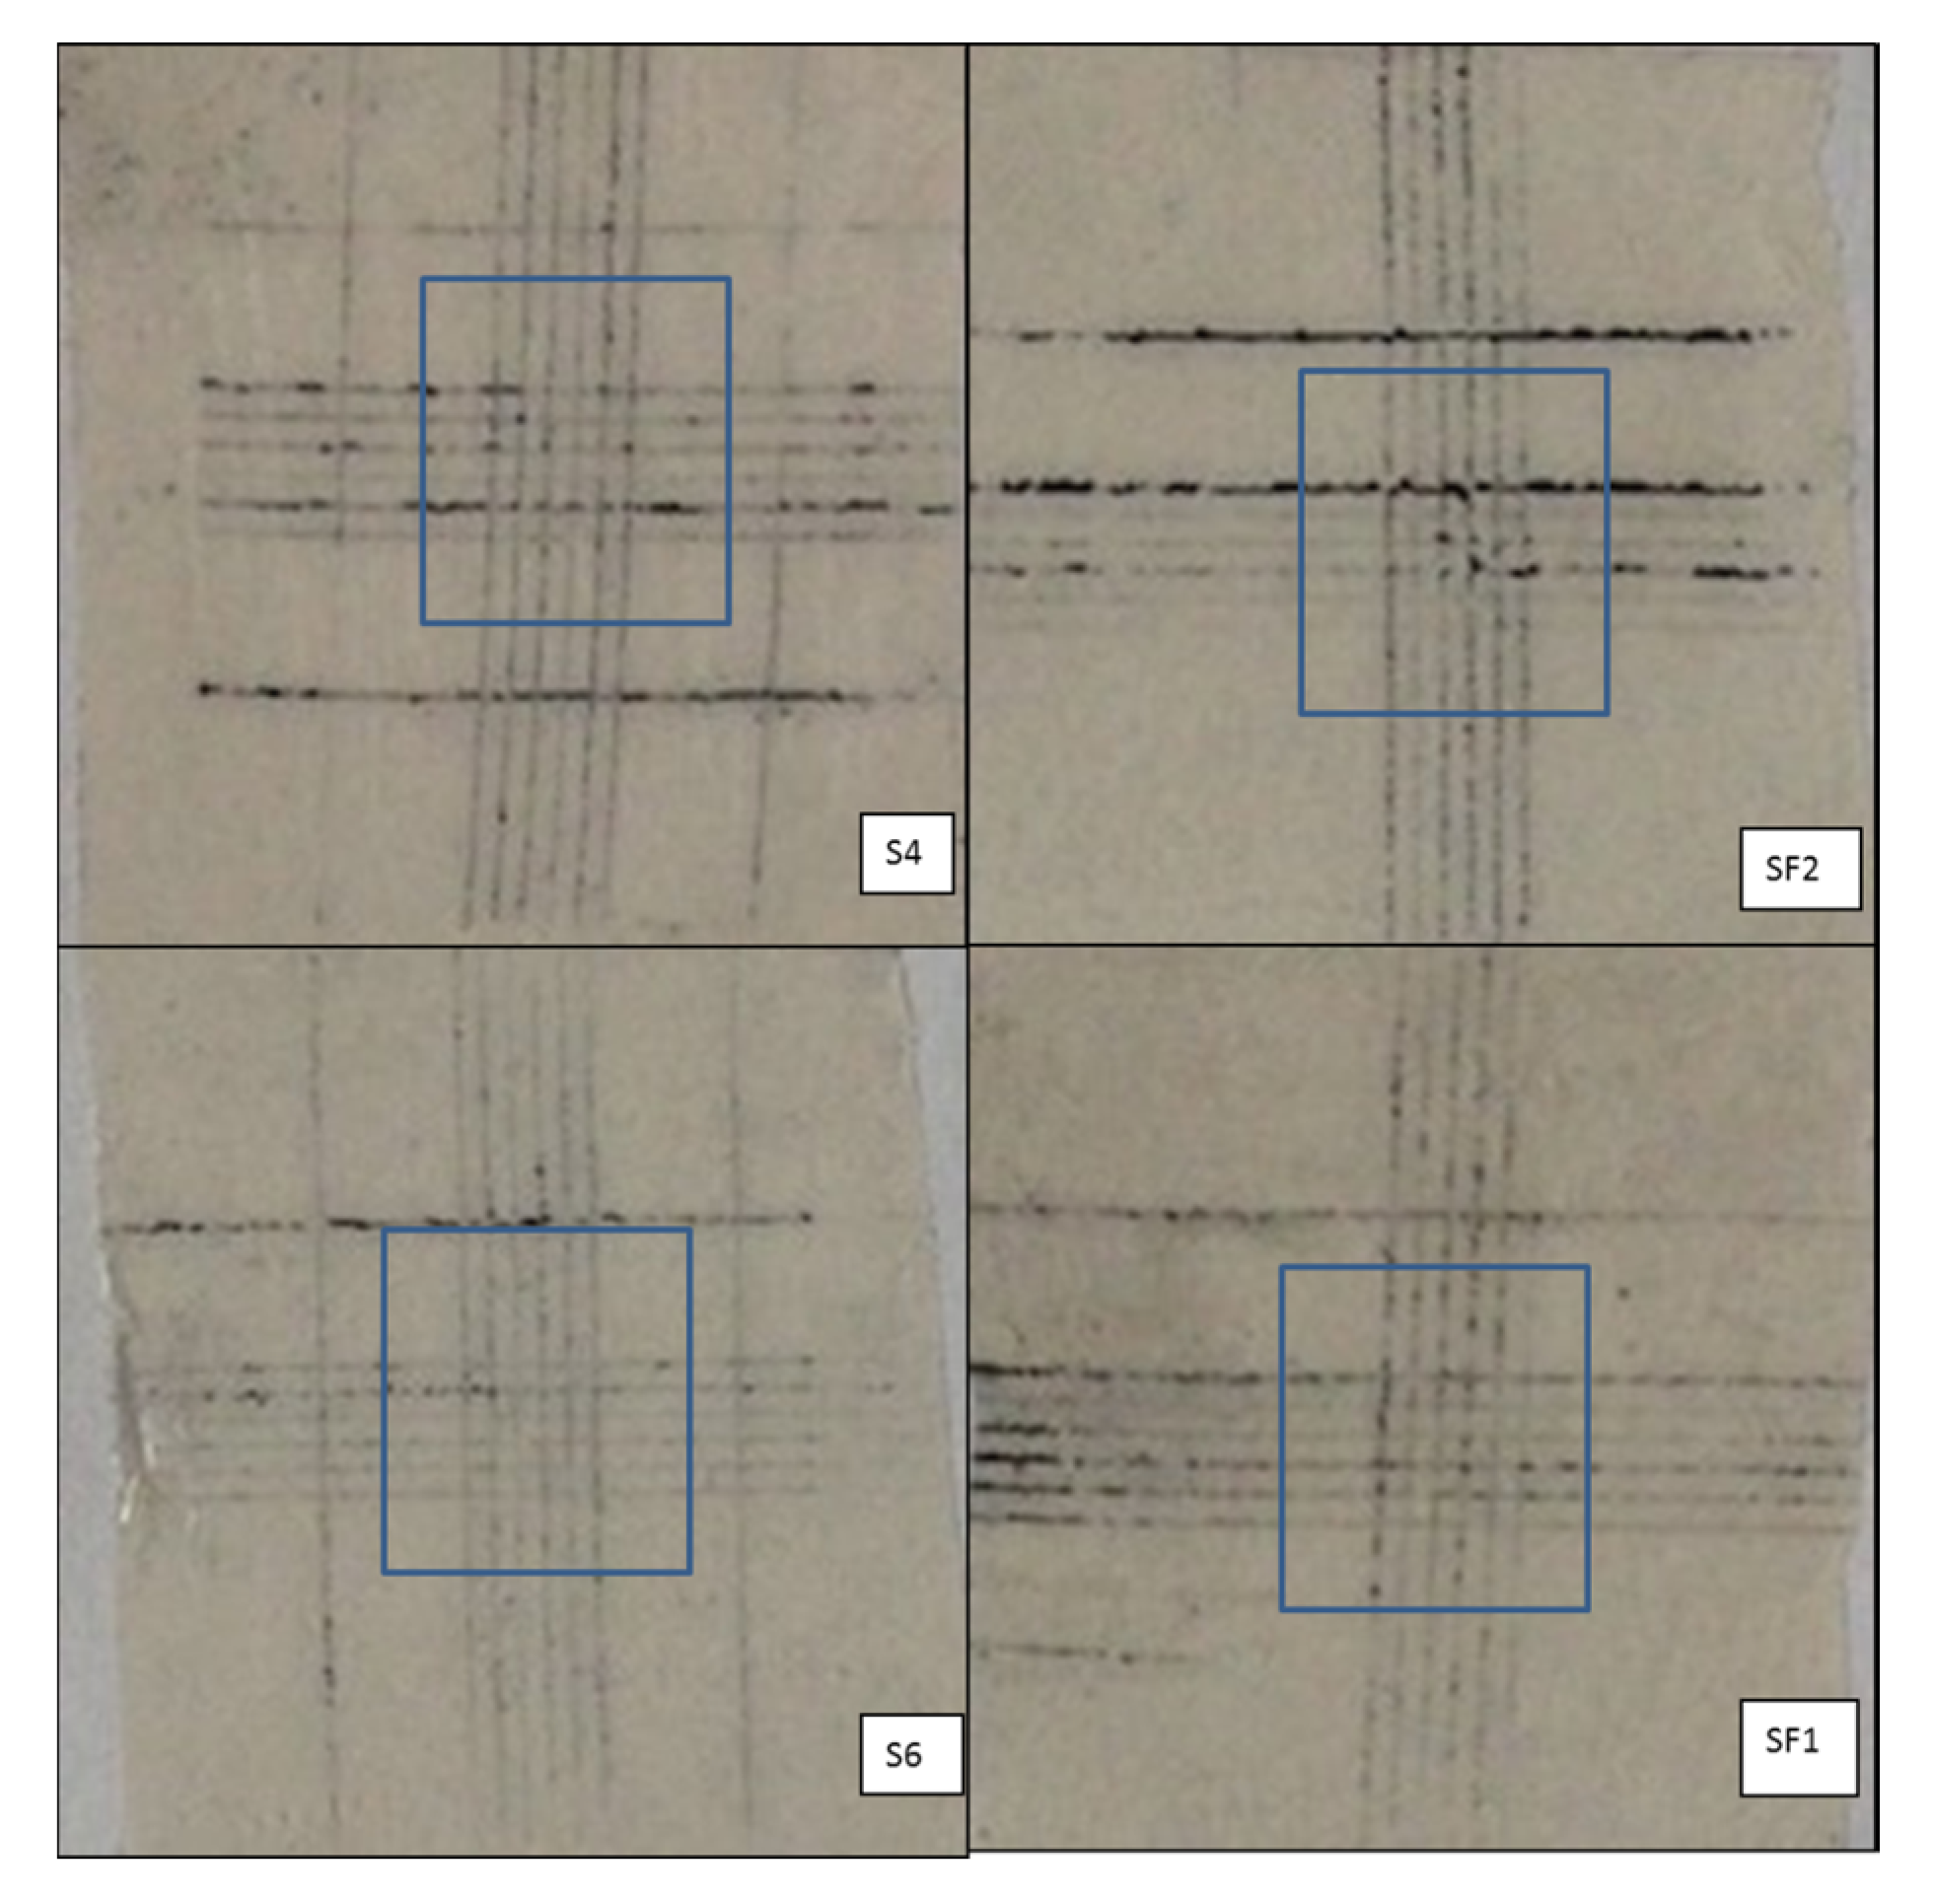 Großzügig Schaltplandefinition Bilder - Schaltplan Serie Circuit ...